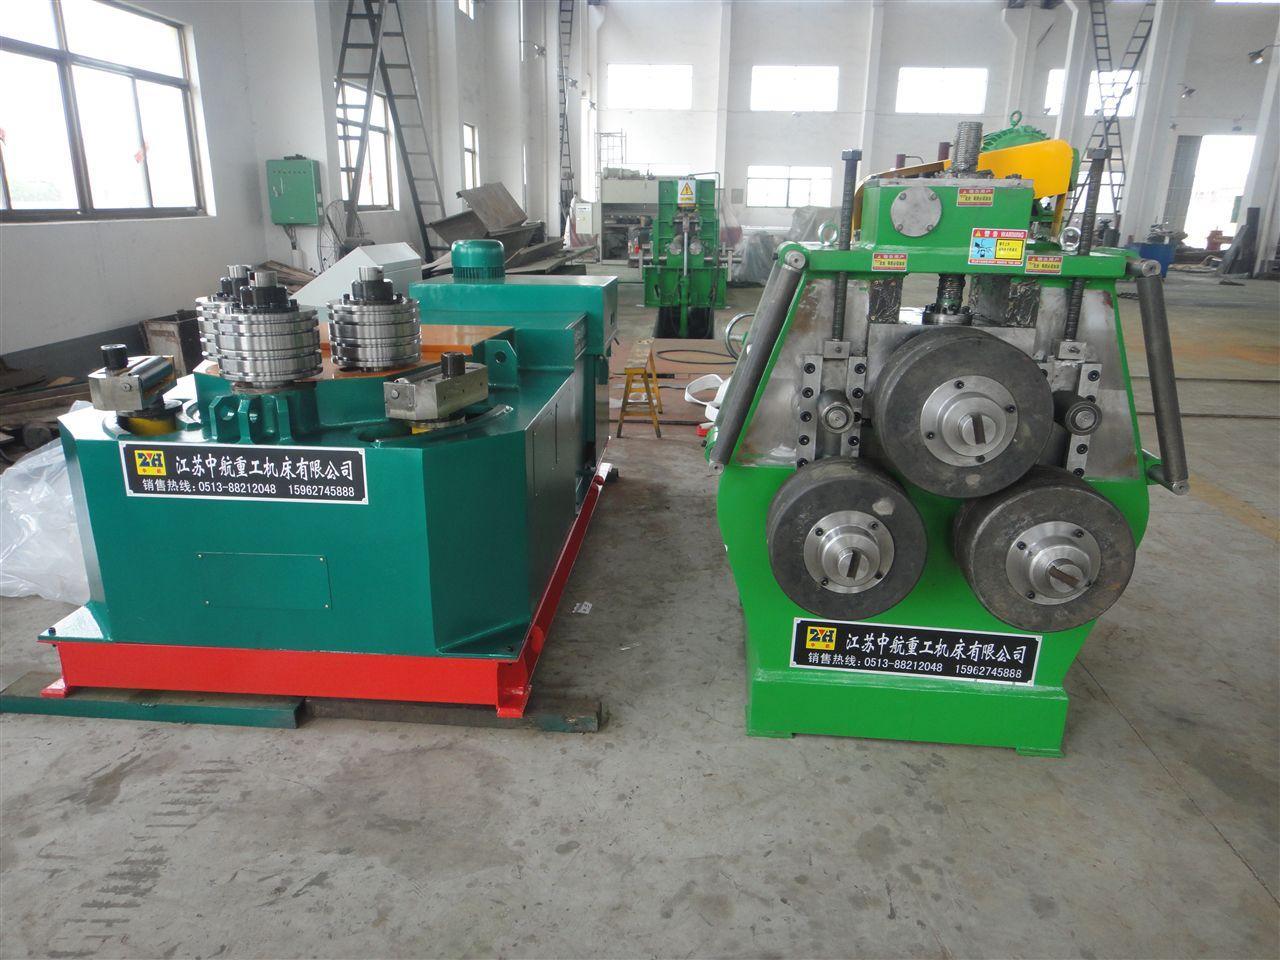 机械型弯机-江苏中航重工机床有限公司; 半液压型弯机系列